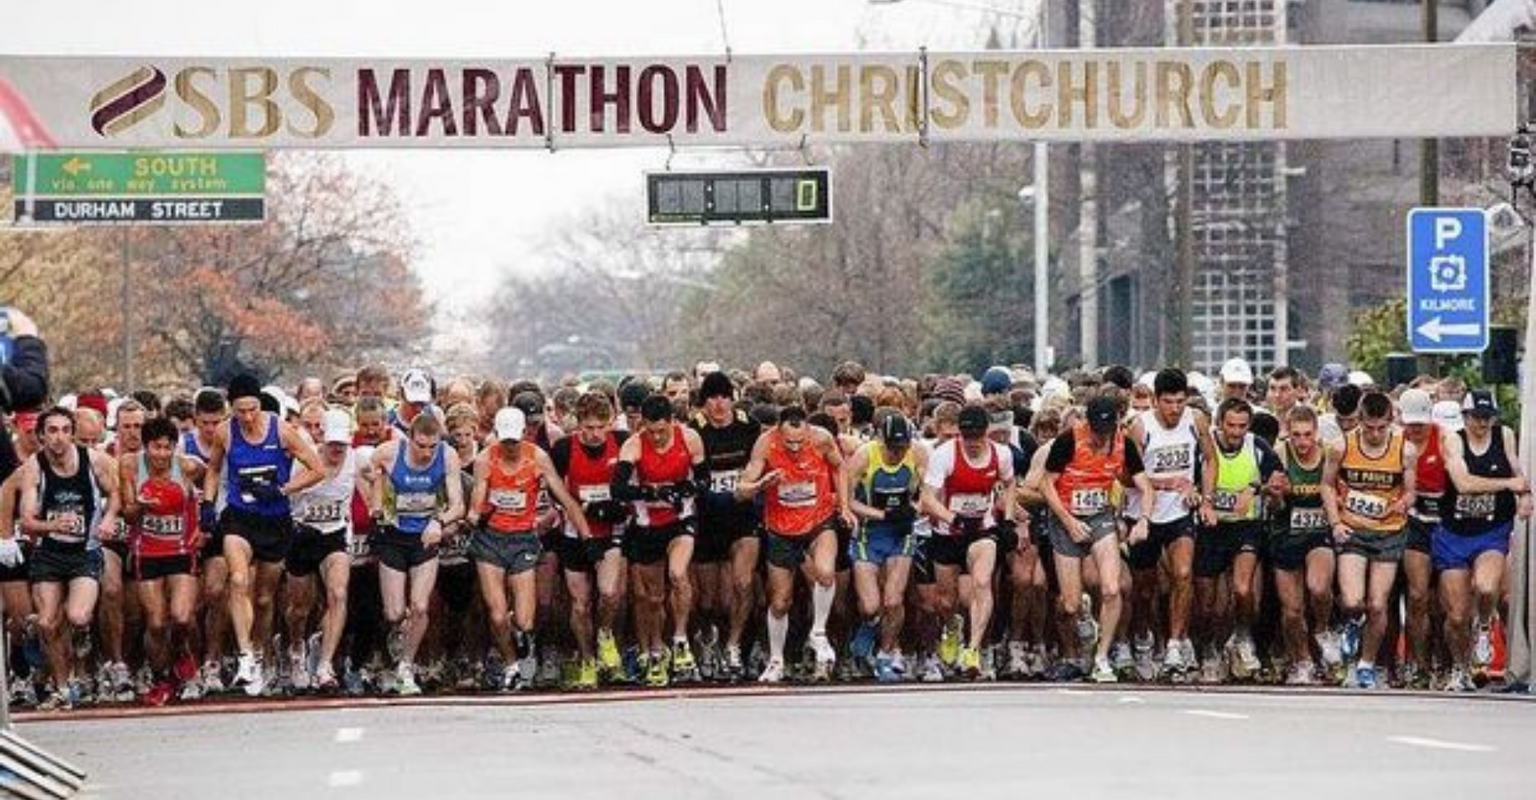 The Christchurch Marathon